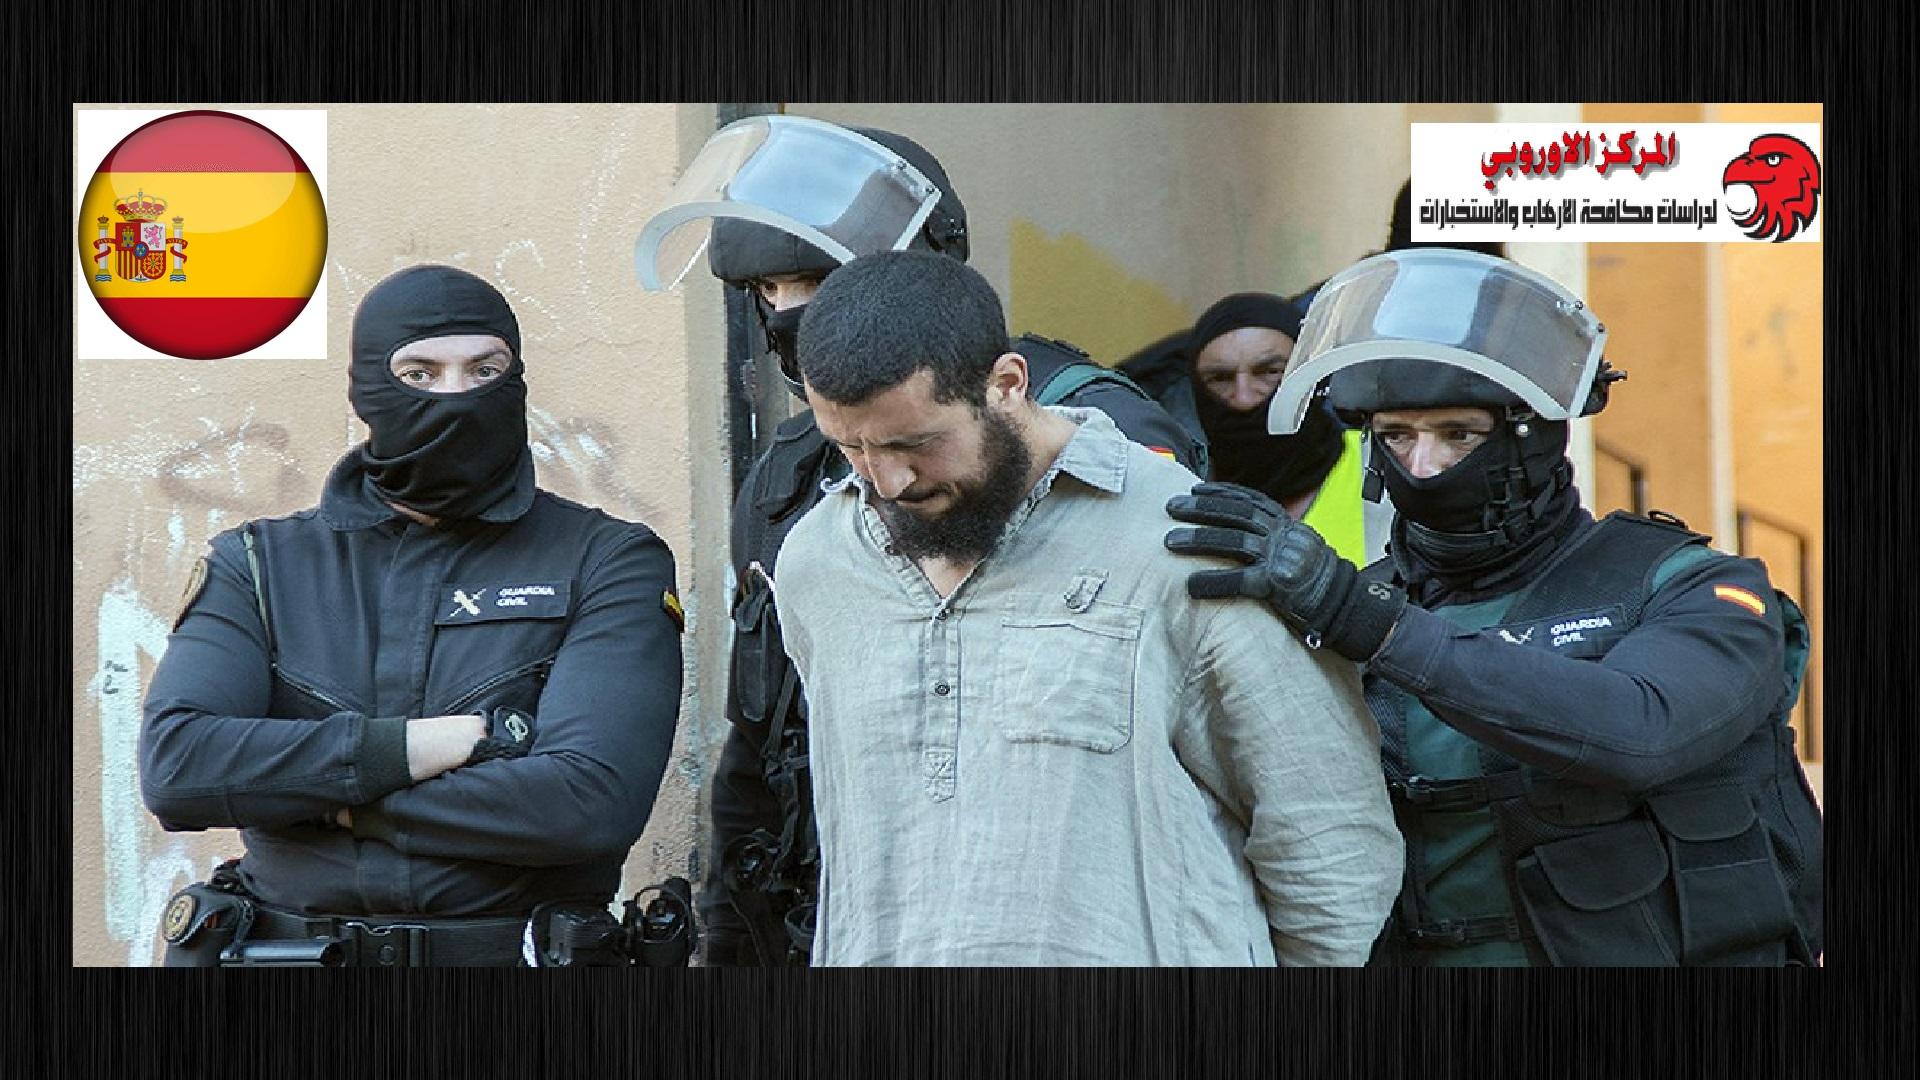 """معضلة """"الجهاديين"""" والتطرف في اقليم برشلونة الأسباني"""